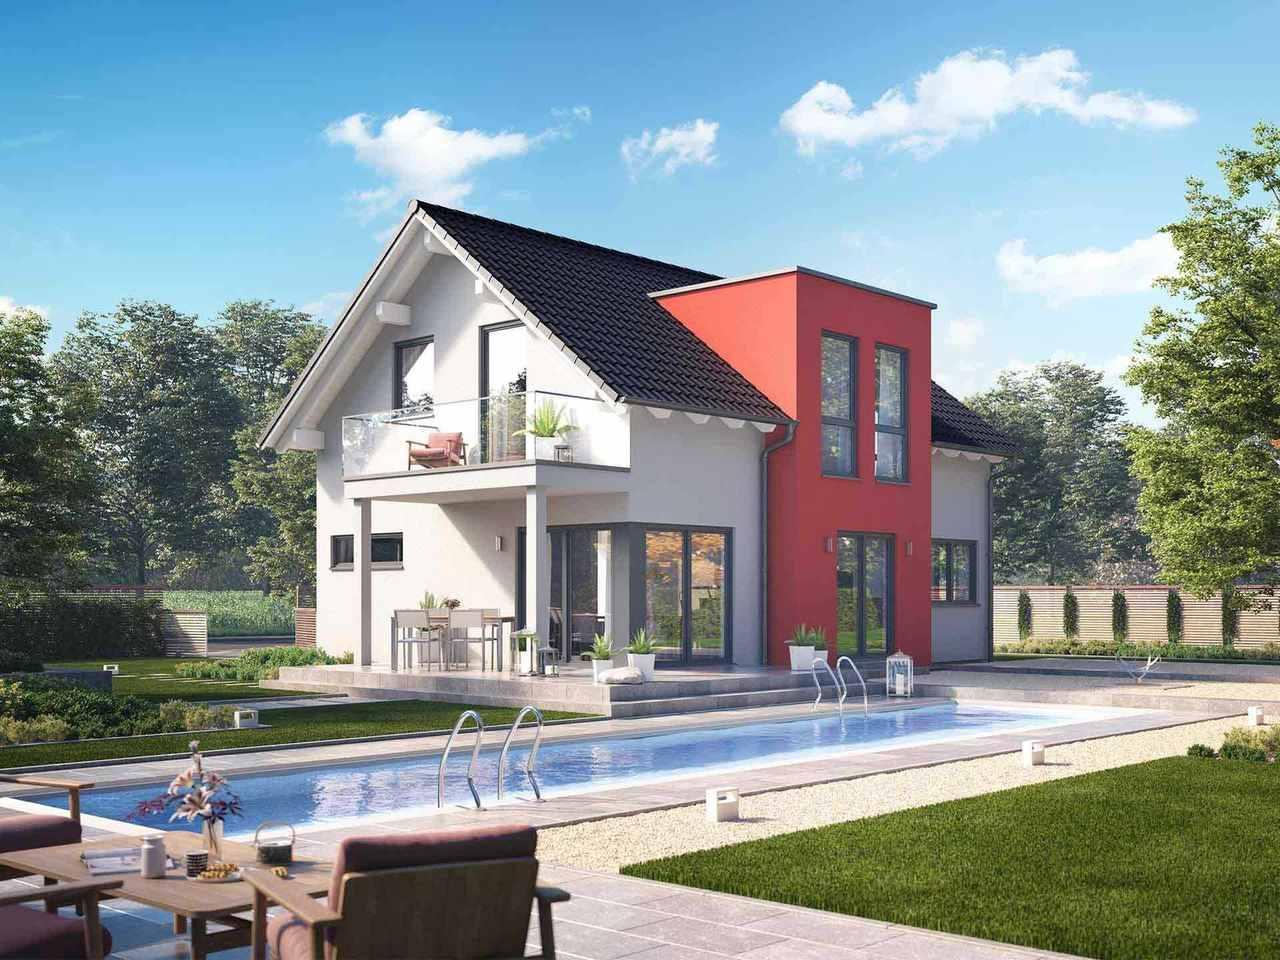 Einfamilienhaus Solitaire-125-E2 - Schwabenhaus